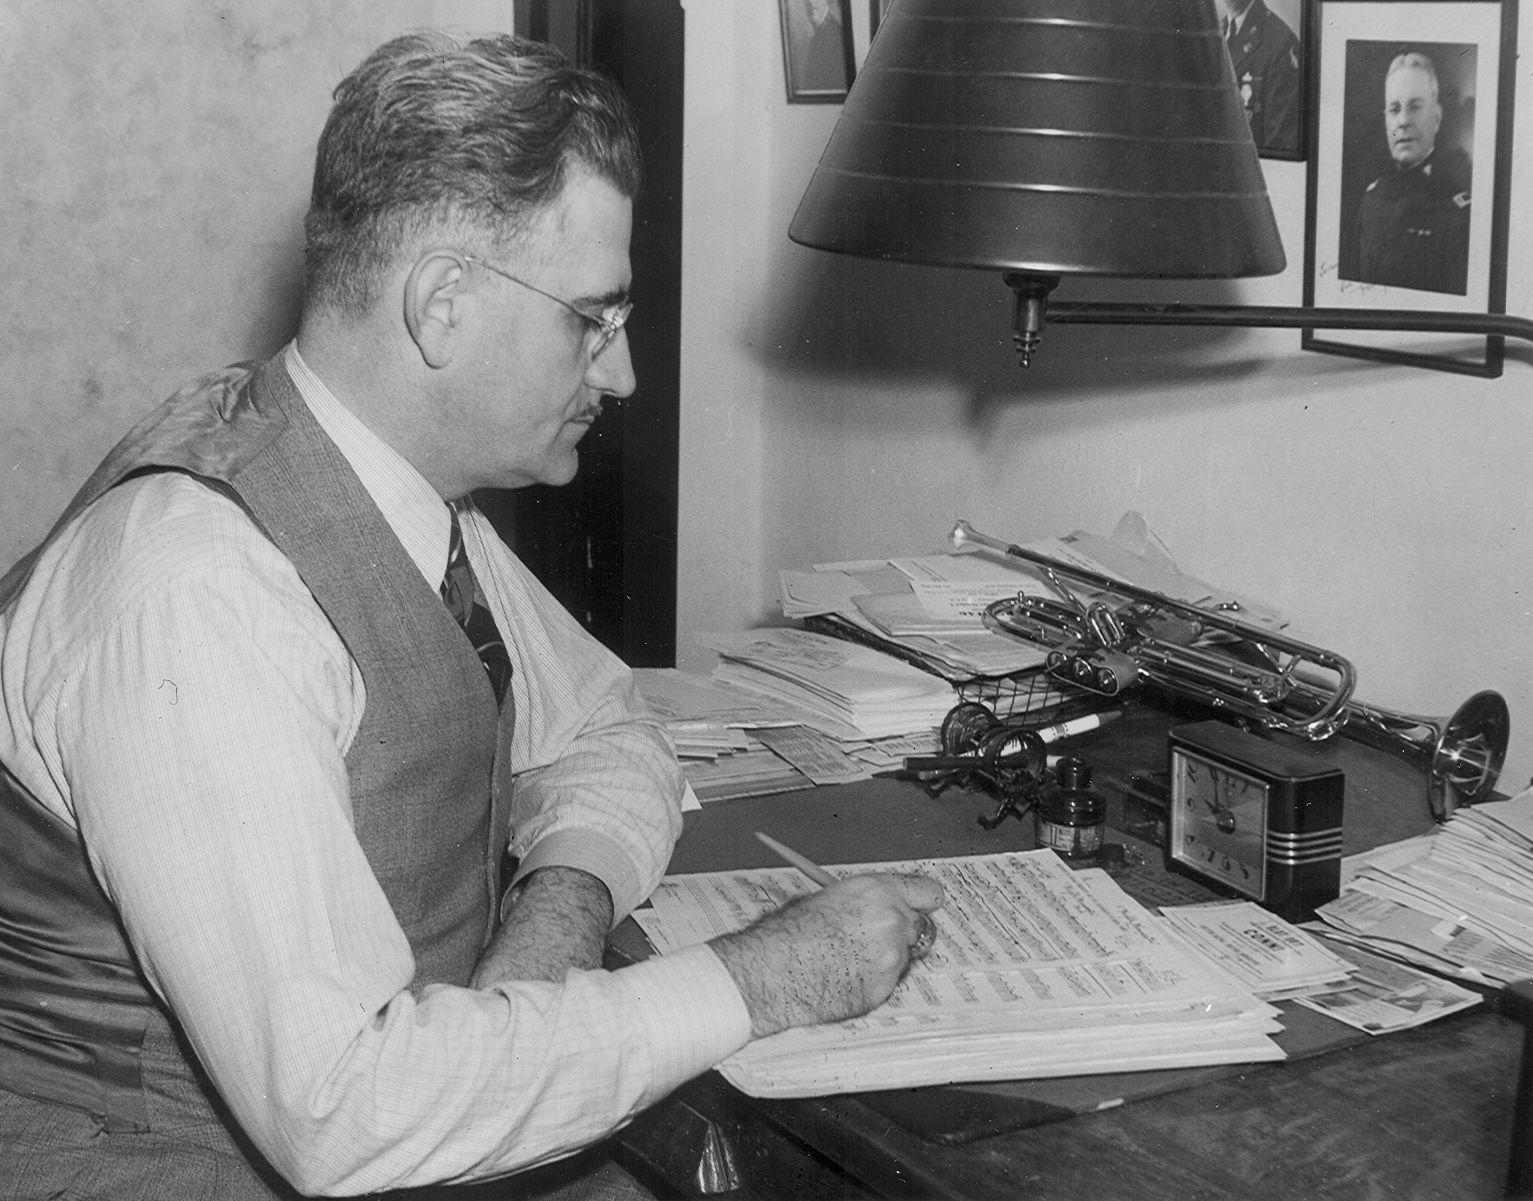 Karl King at His Composing